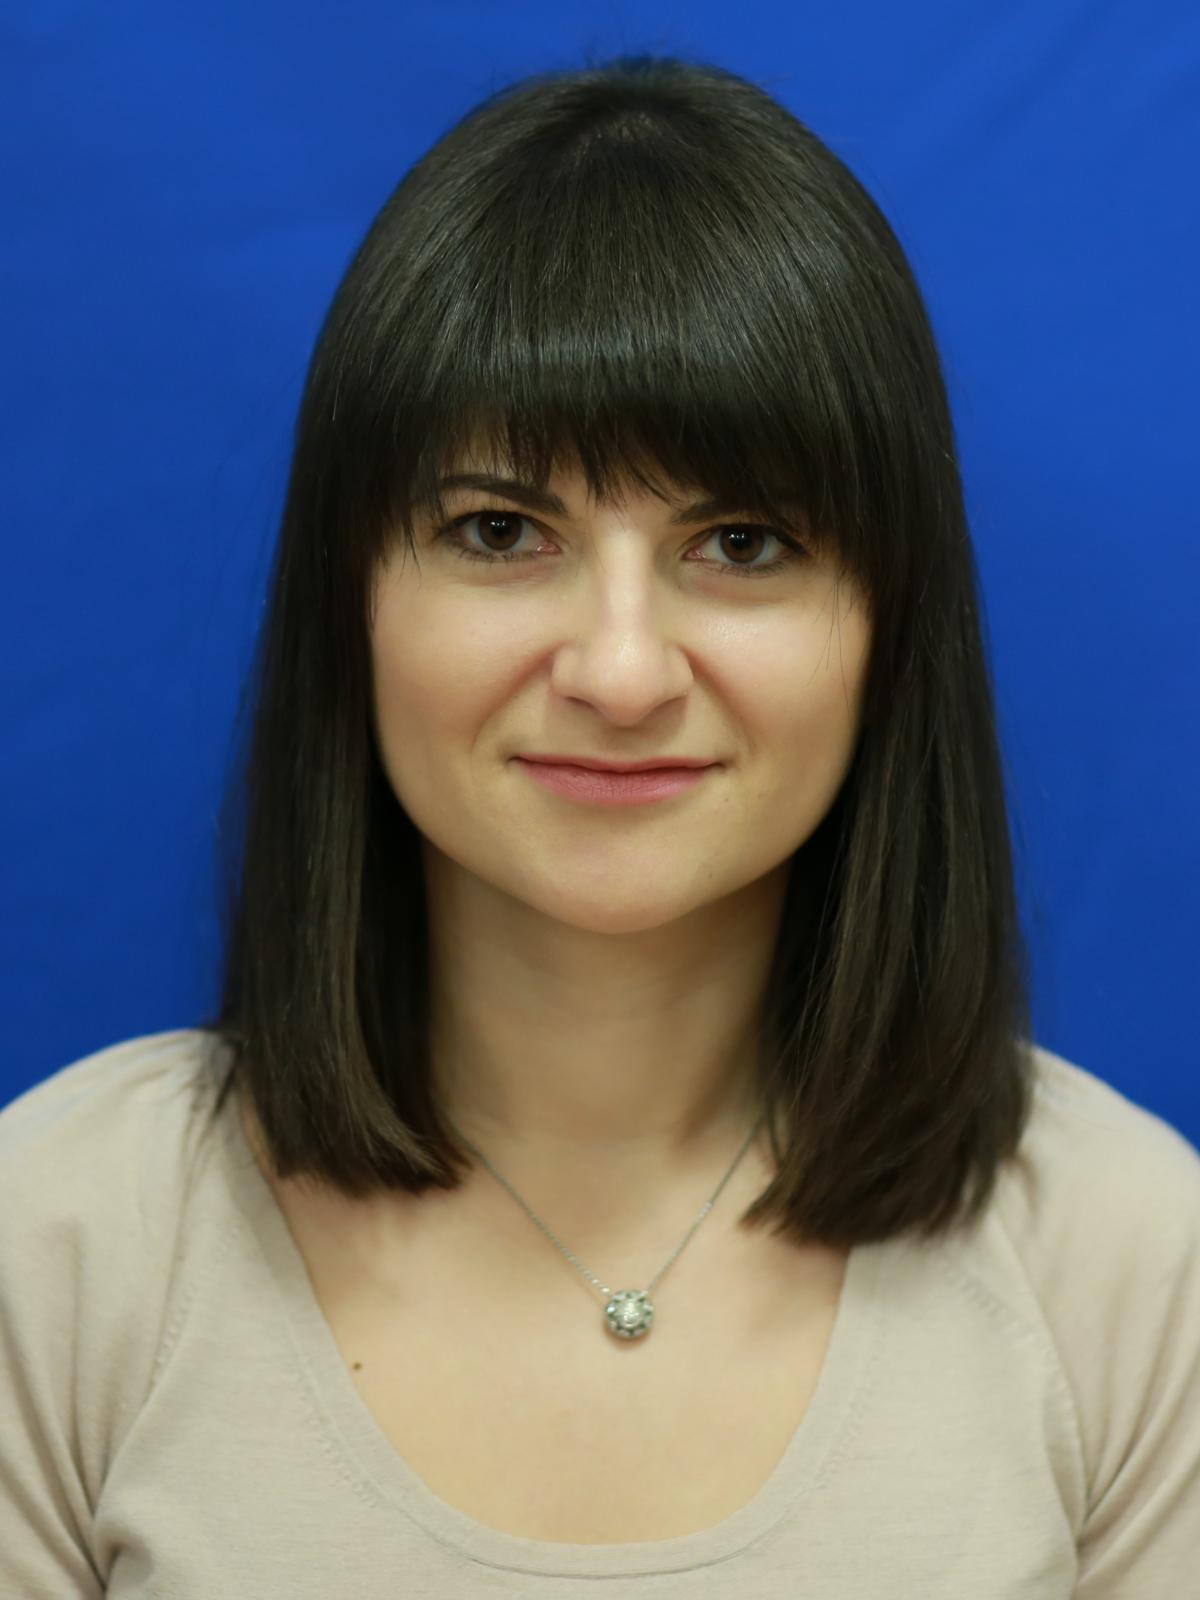 Cristina Dumitrache